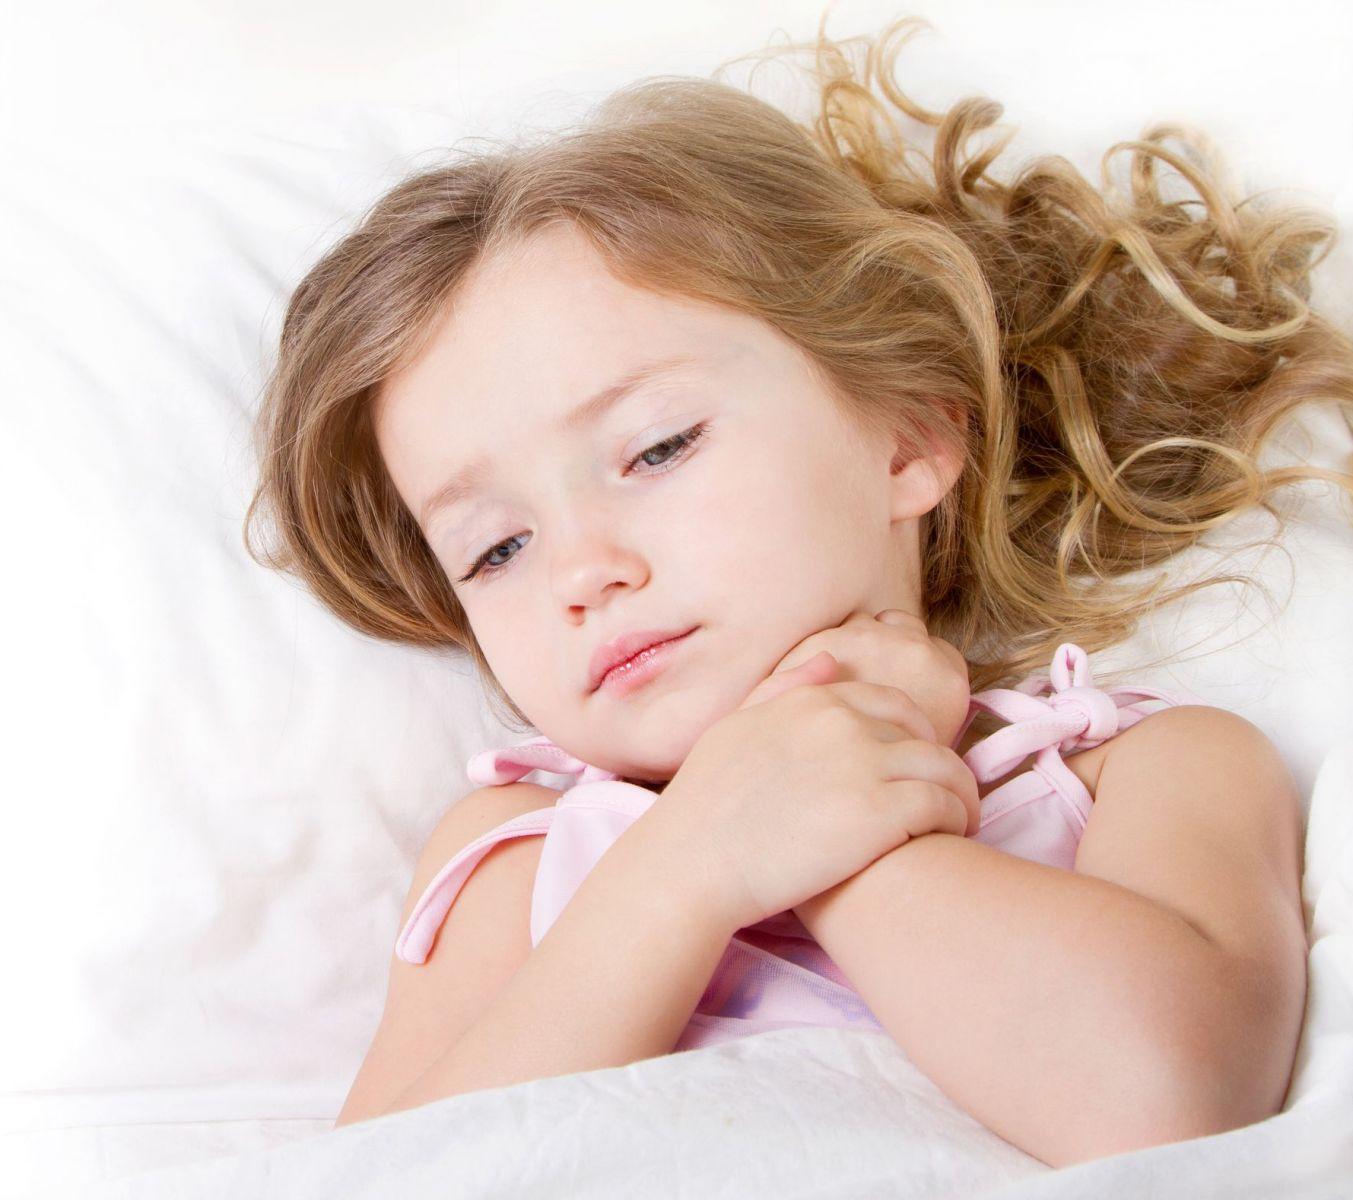 اهم 10 امراض تصيب الاطفال والرضع وعلاجها